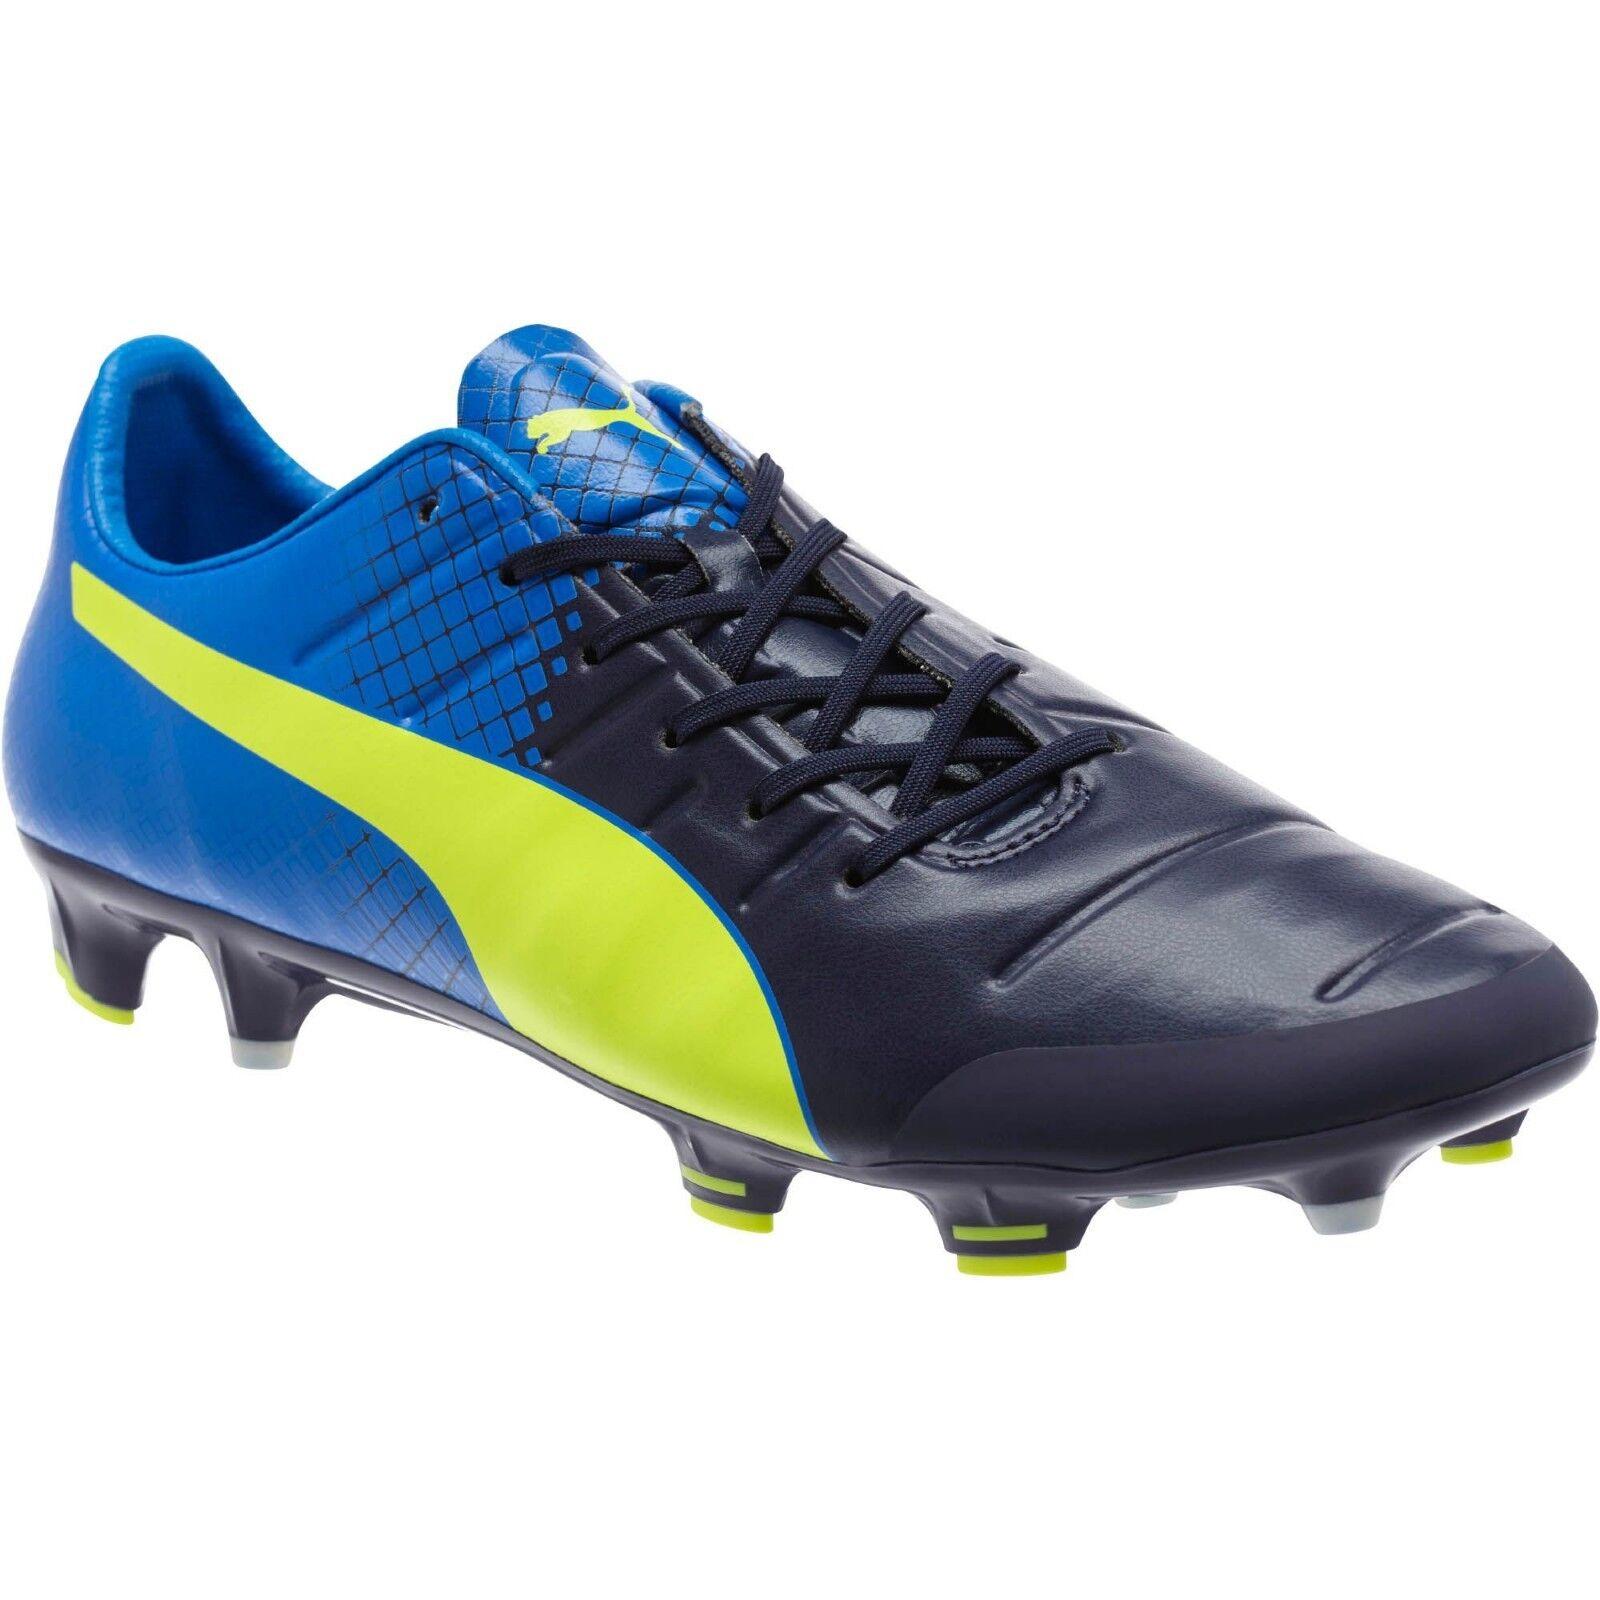 Puma evoPOWER 1.3 Tricks FG Azul Azul Zapatos Botines De Fútbol patadas 7 8 para hombre